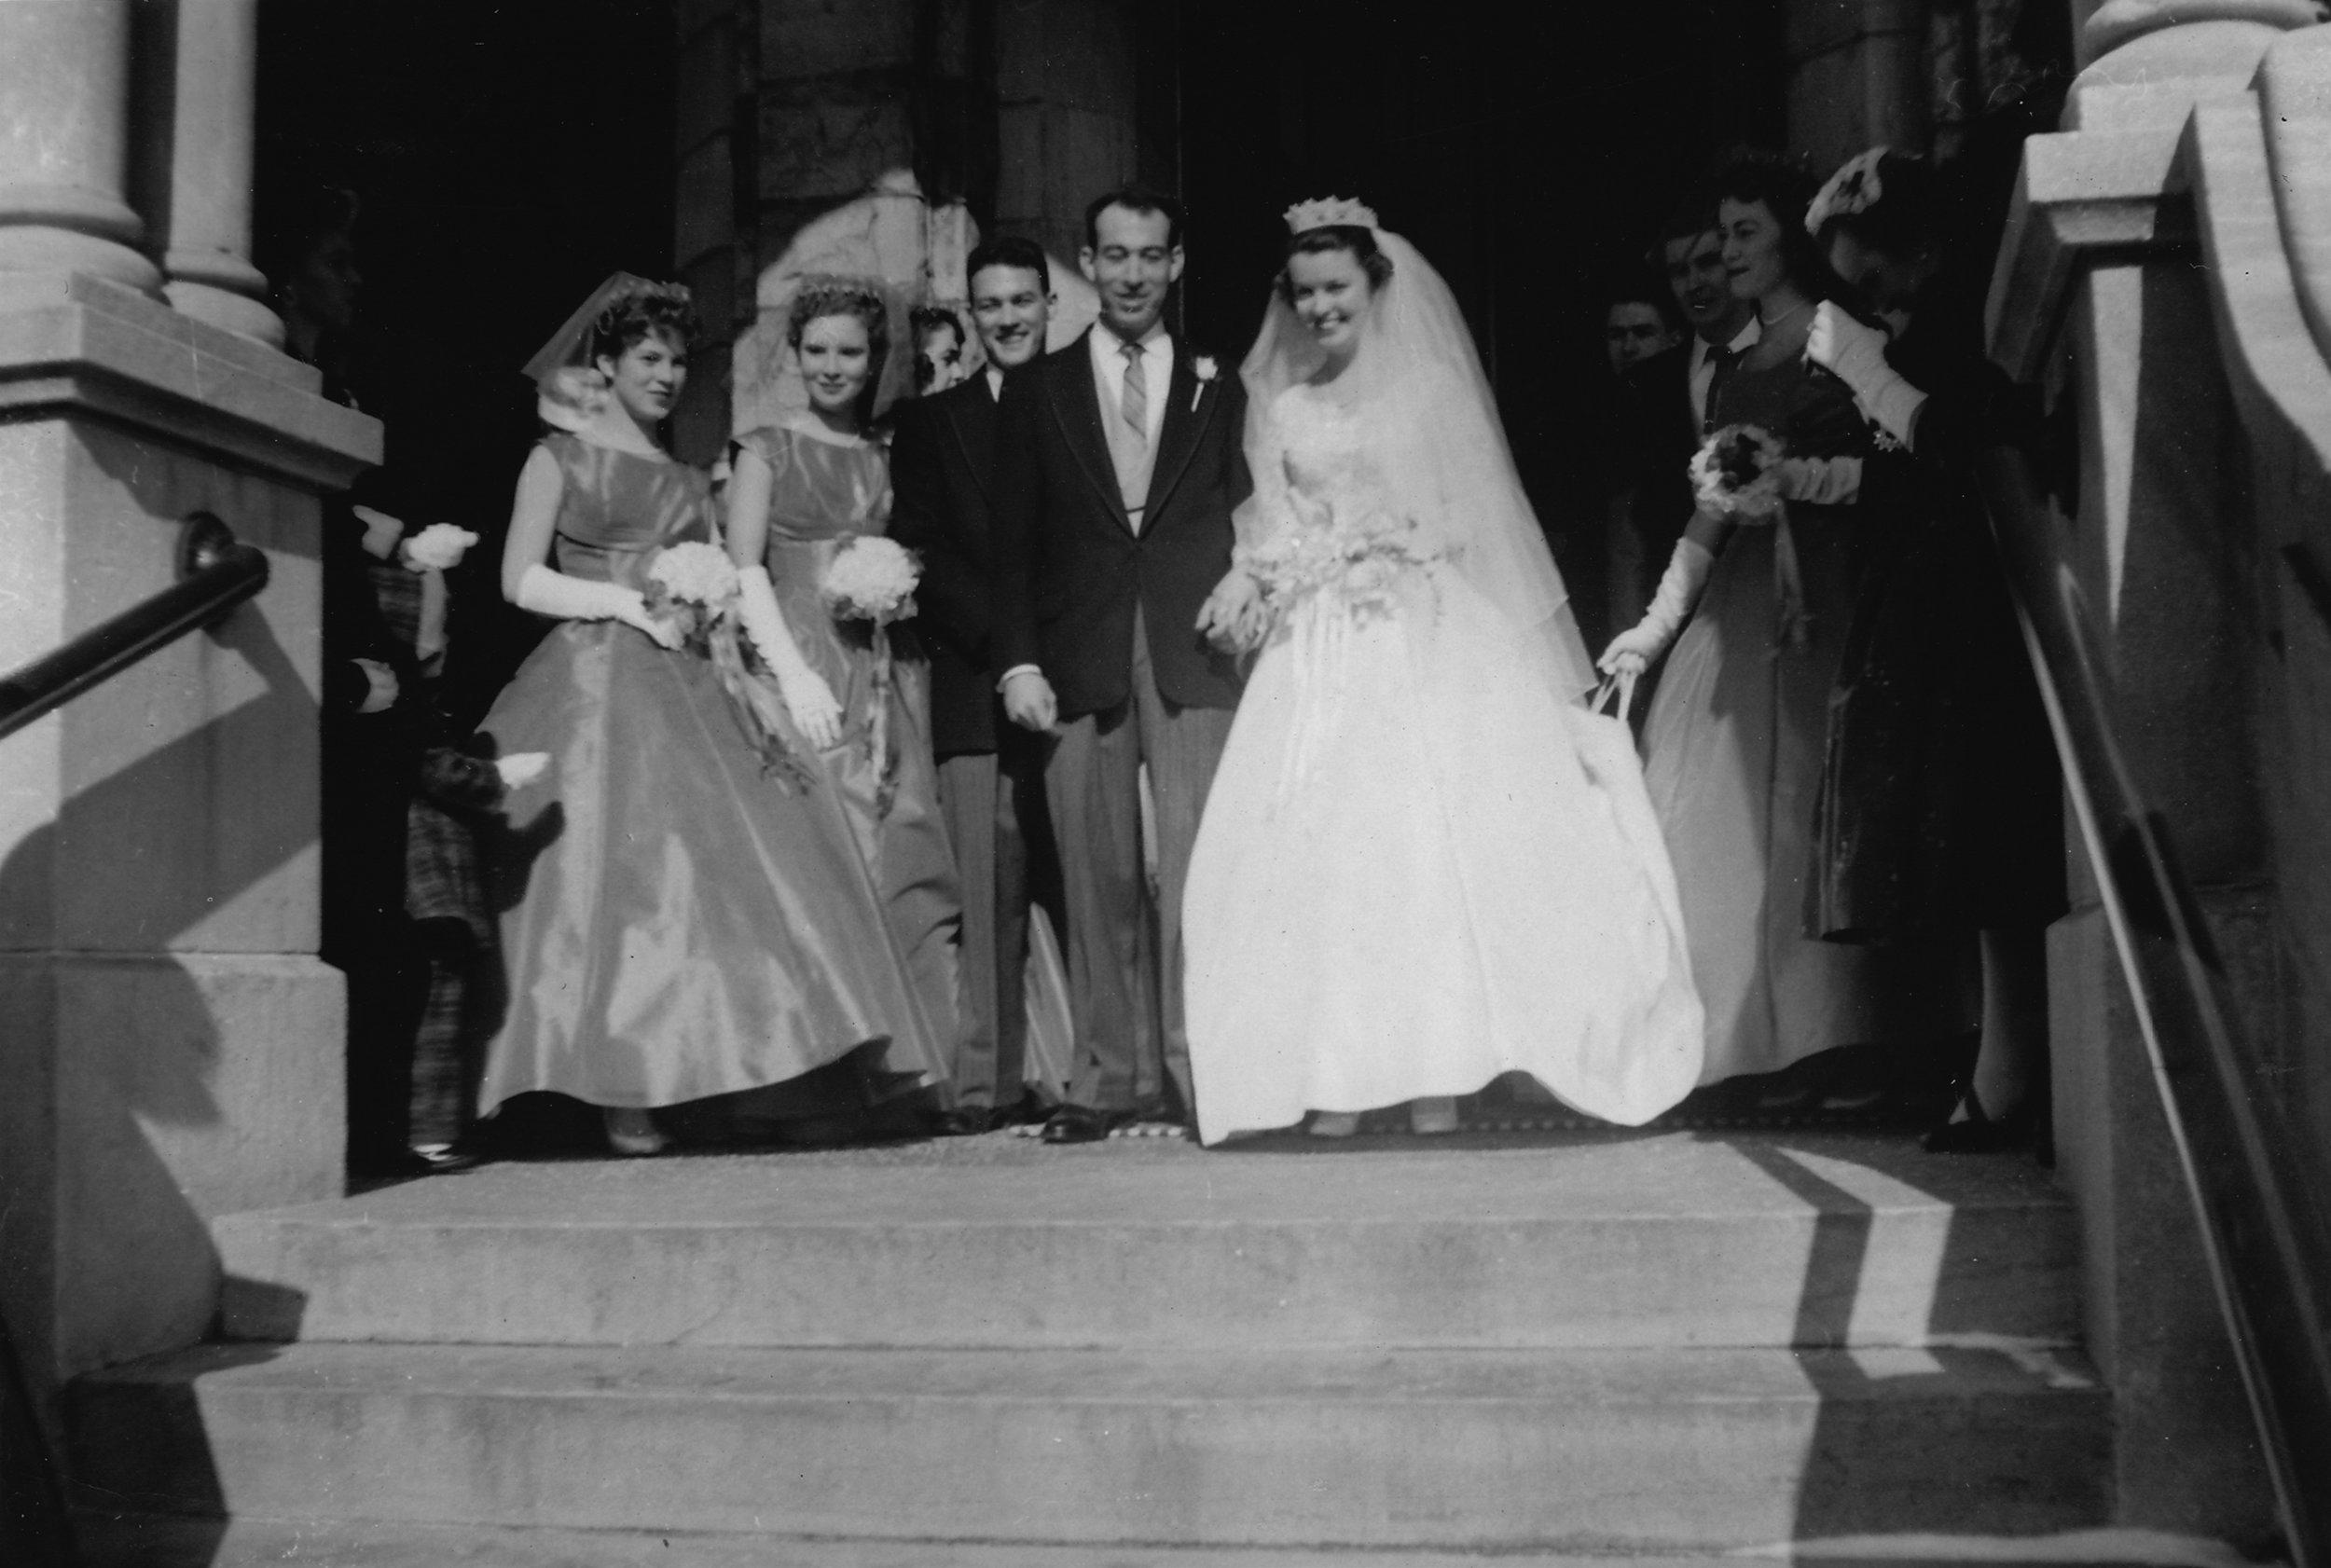 Pat & Flip Faivre Wedding300DPI.jpg